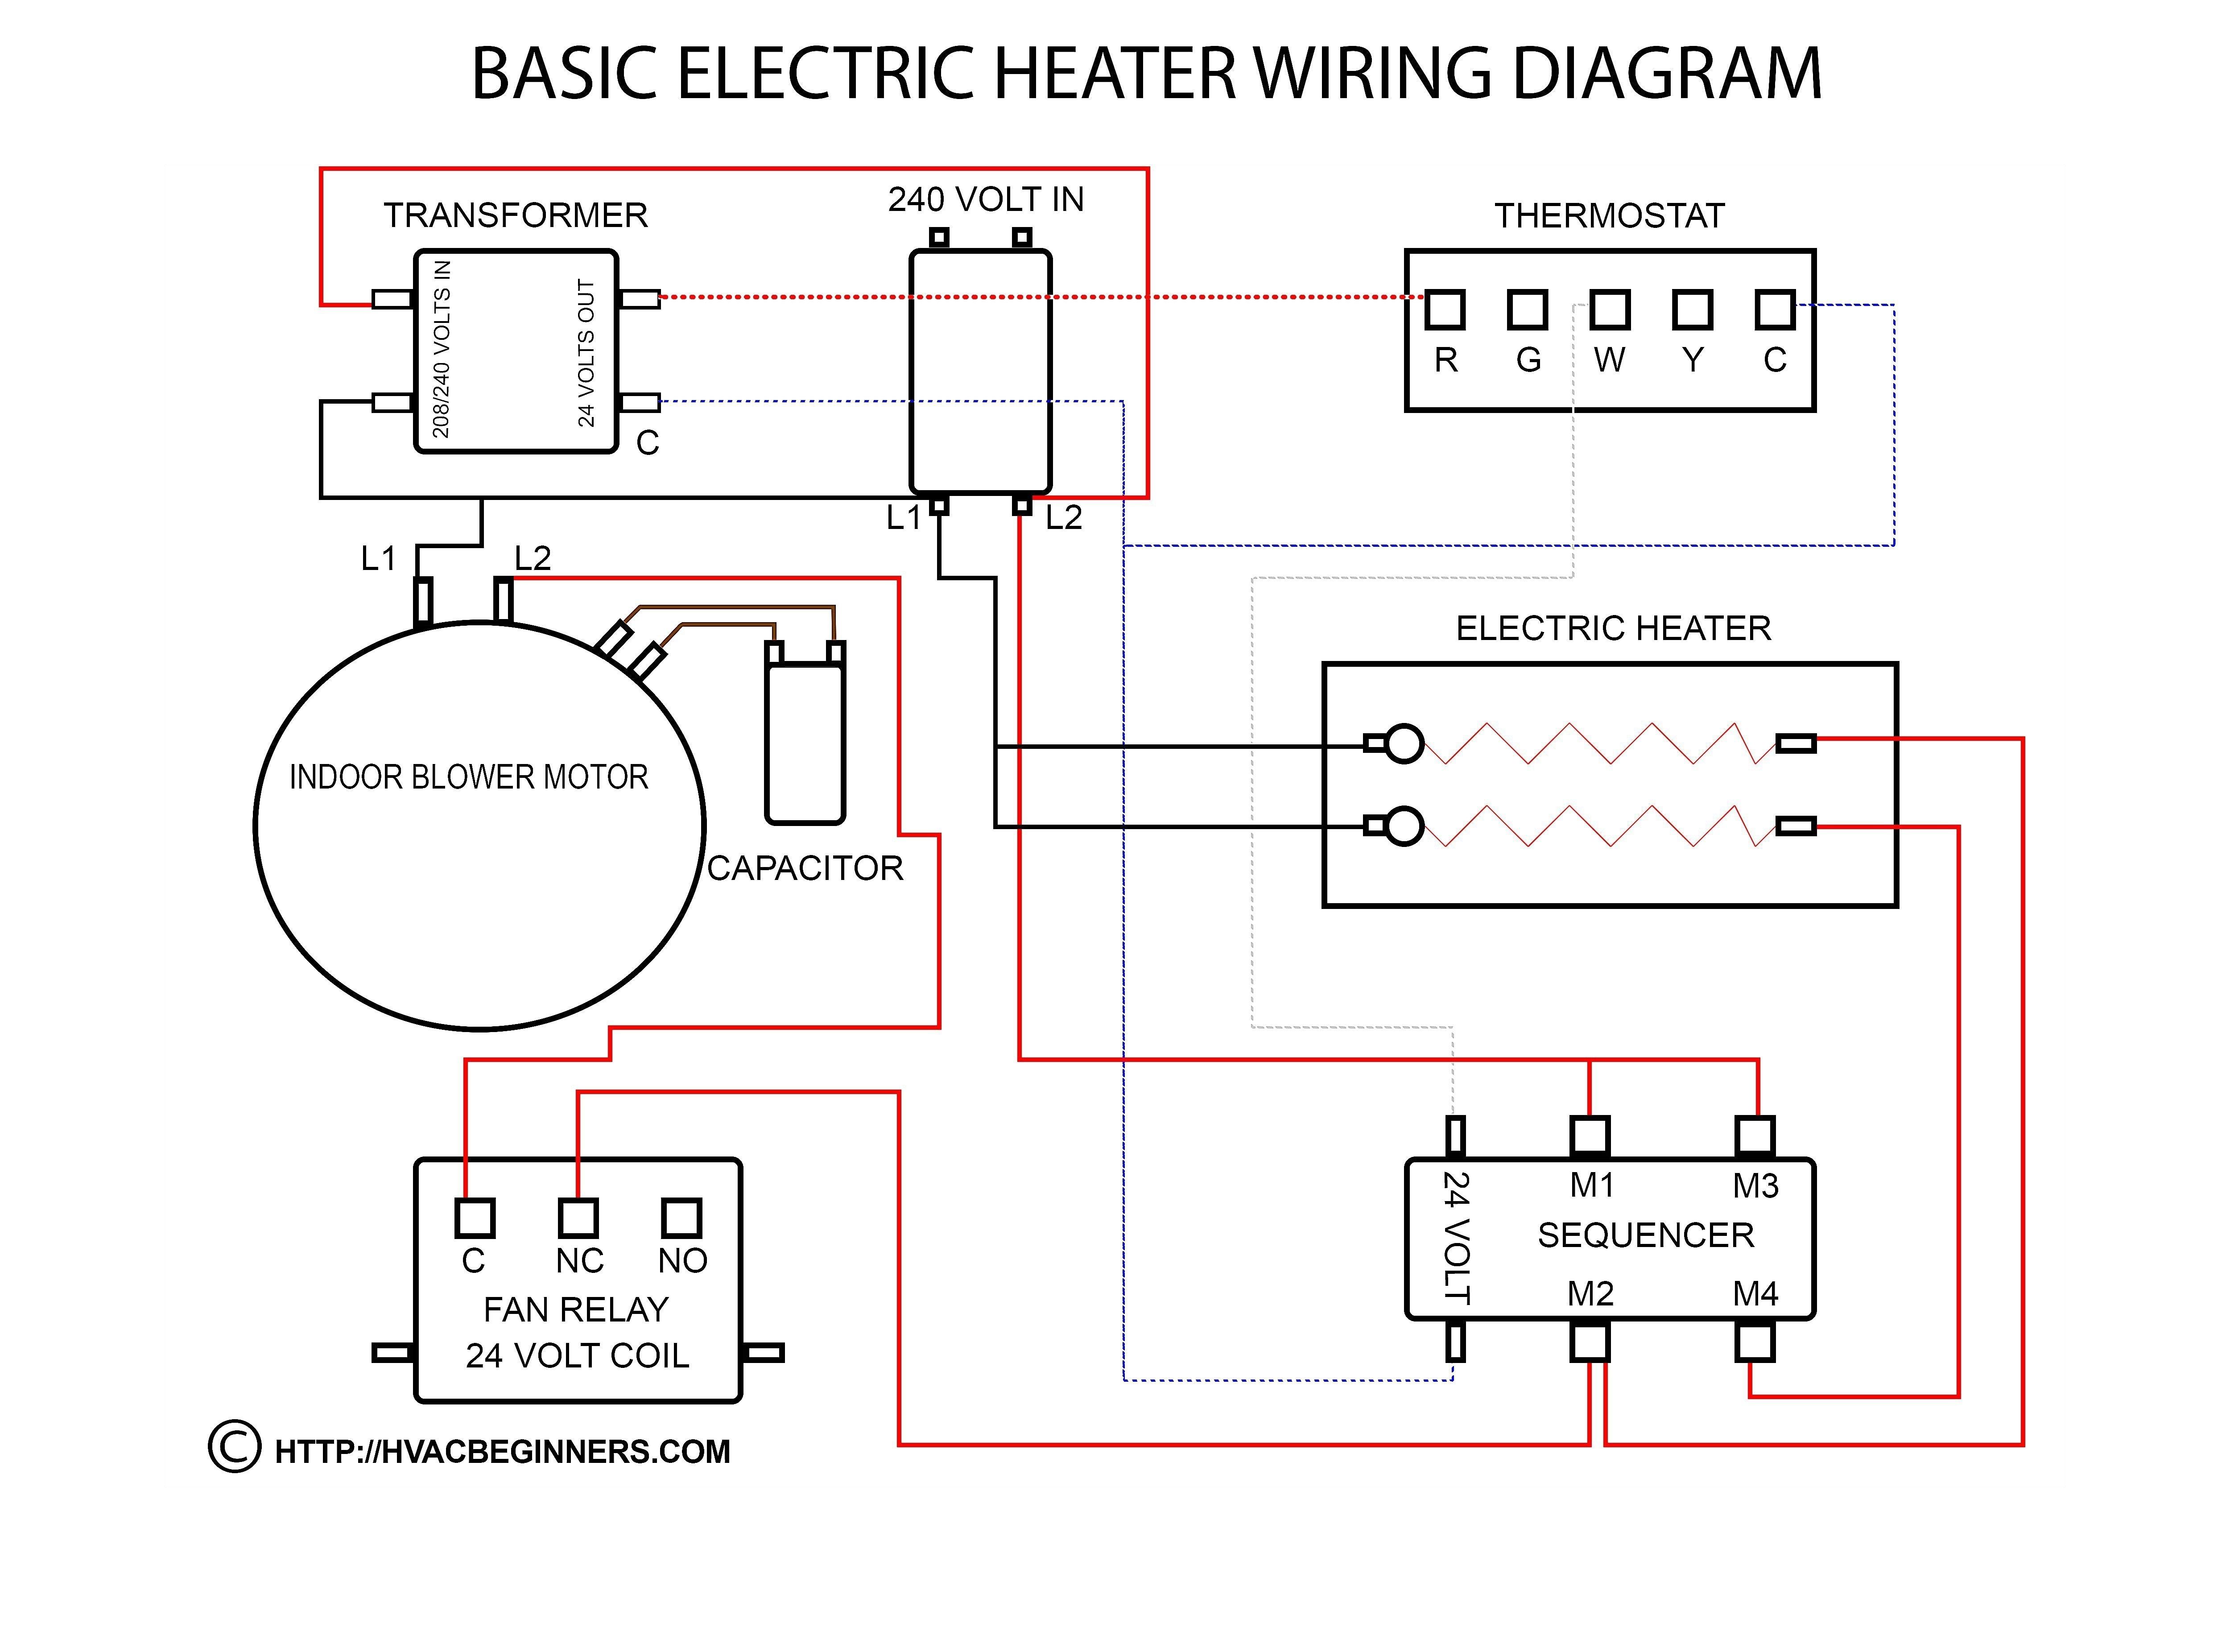 Mars 10586 Wiring Diagram Starter Wire Diagram 92 Talon Toyota Tps Sengja Decorresine It